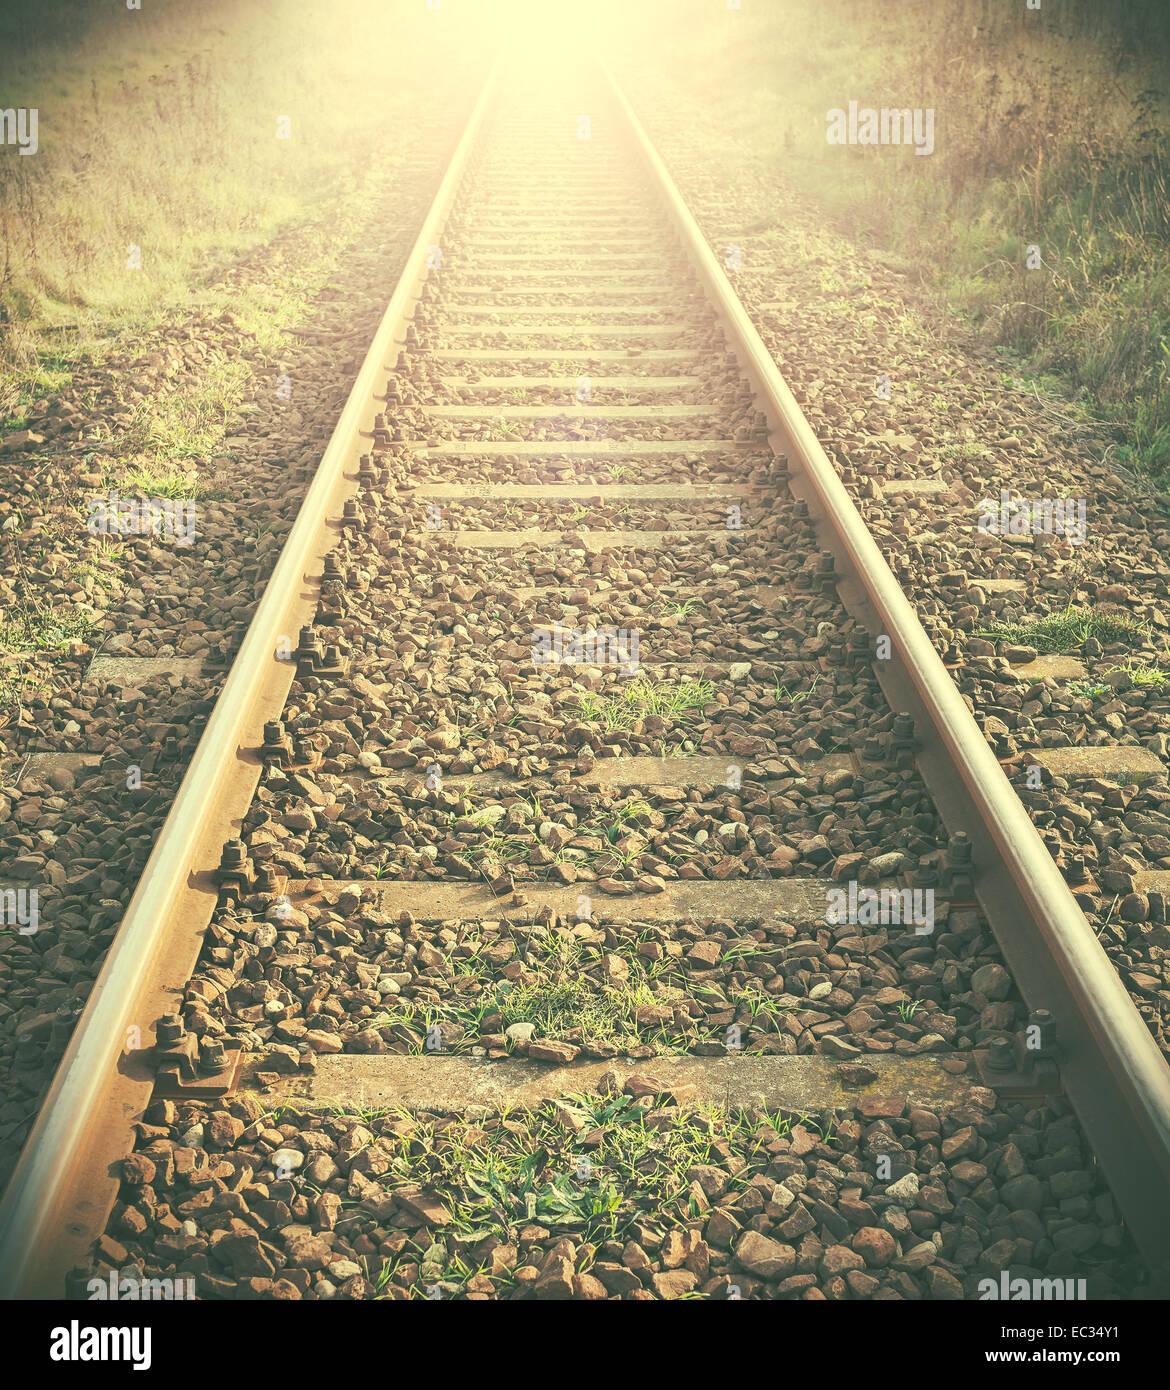 Vintage immagine filtrata di binari ferroviari. Immagini Stock